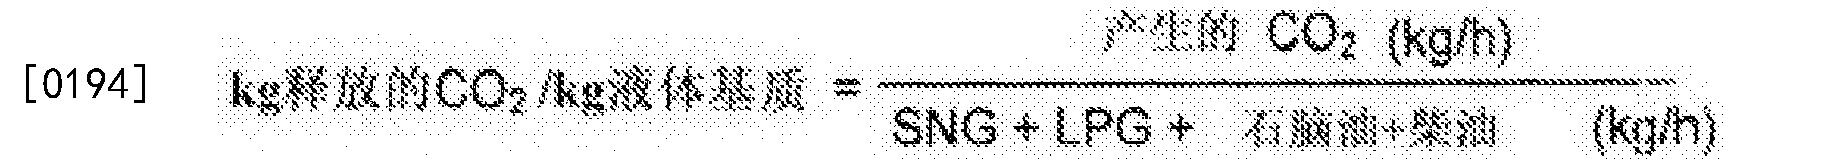 Figure CN103146413BD00192